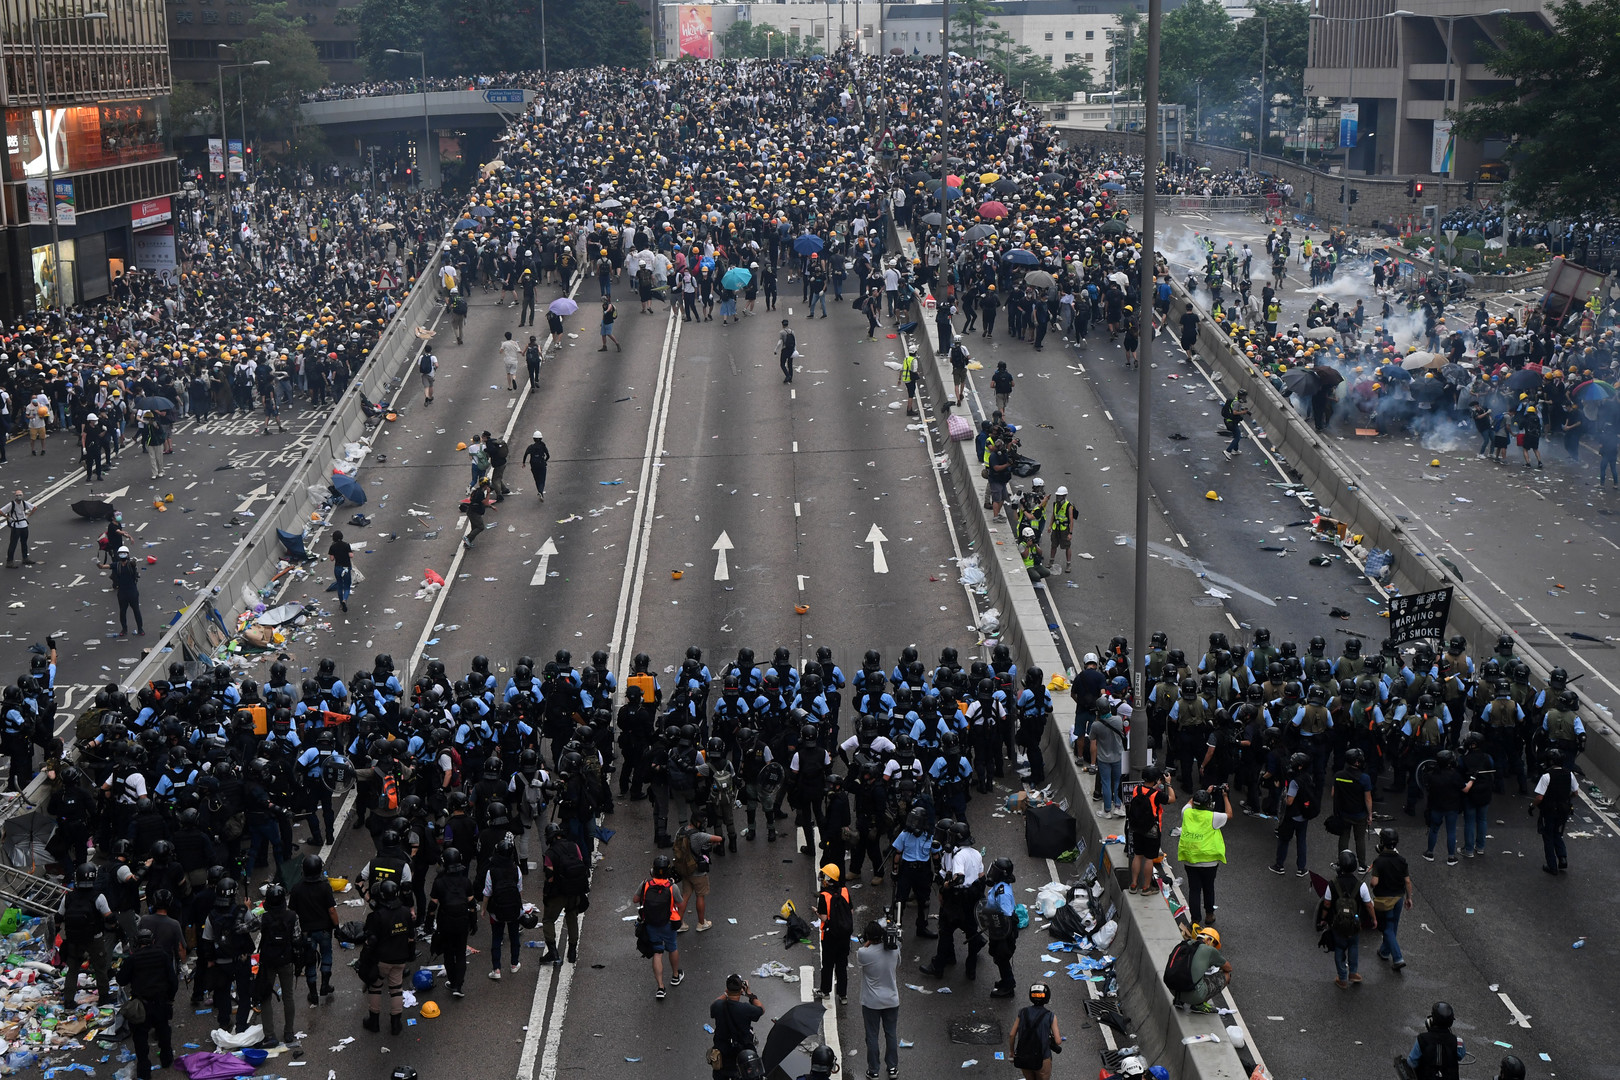 الولايات المتحدة.. حقوق الإنسان في هونغ كونغ ورقة ضغط على الصين